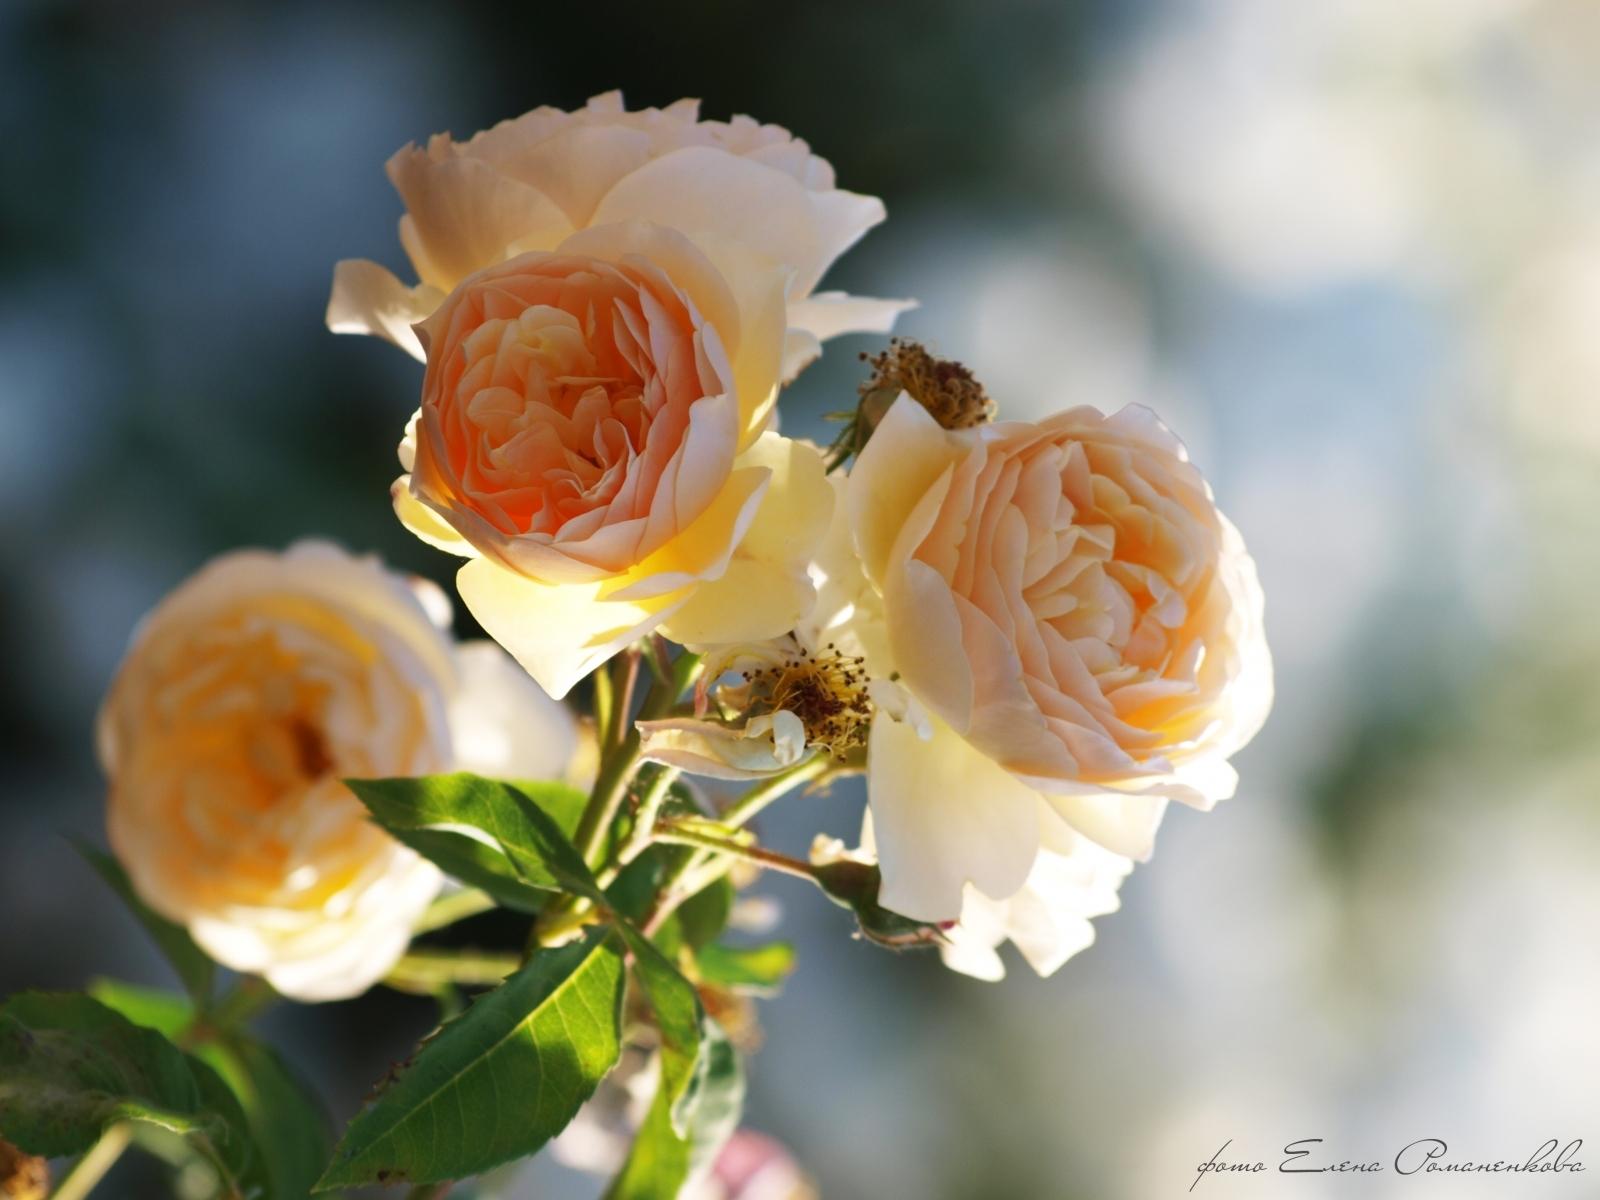 7231 скачать обои Растения, Цветы, Розы - заставки и картинки бесплатно